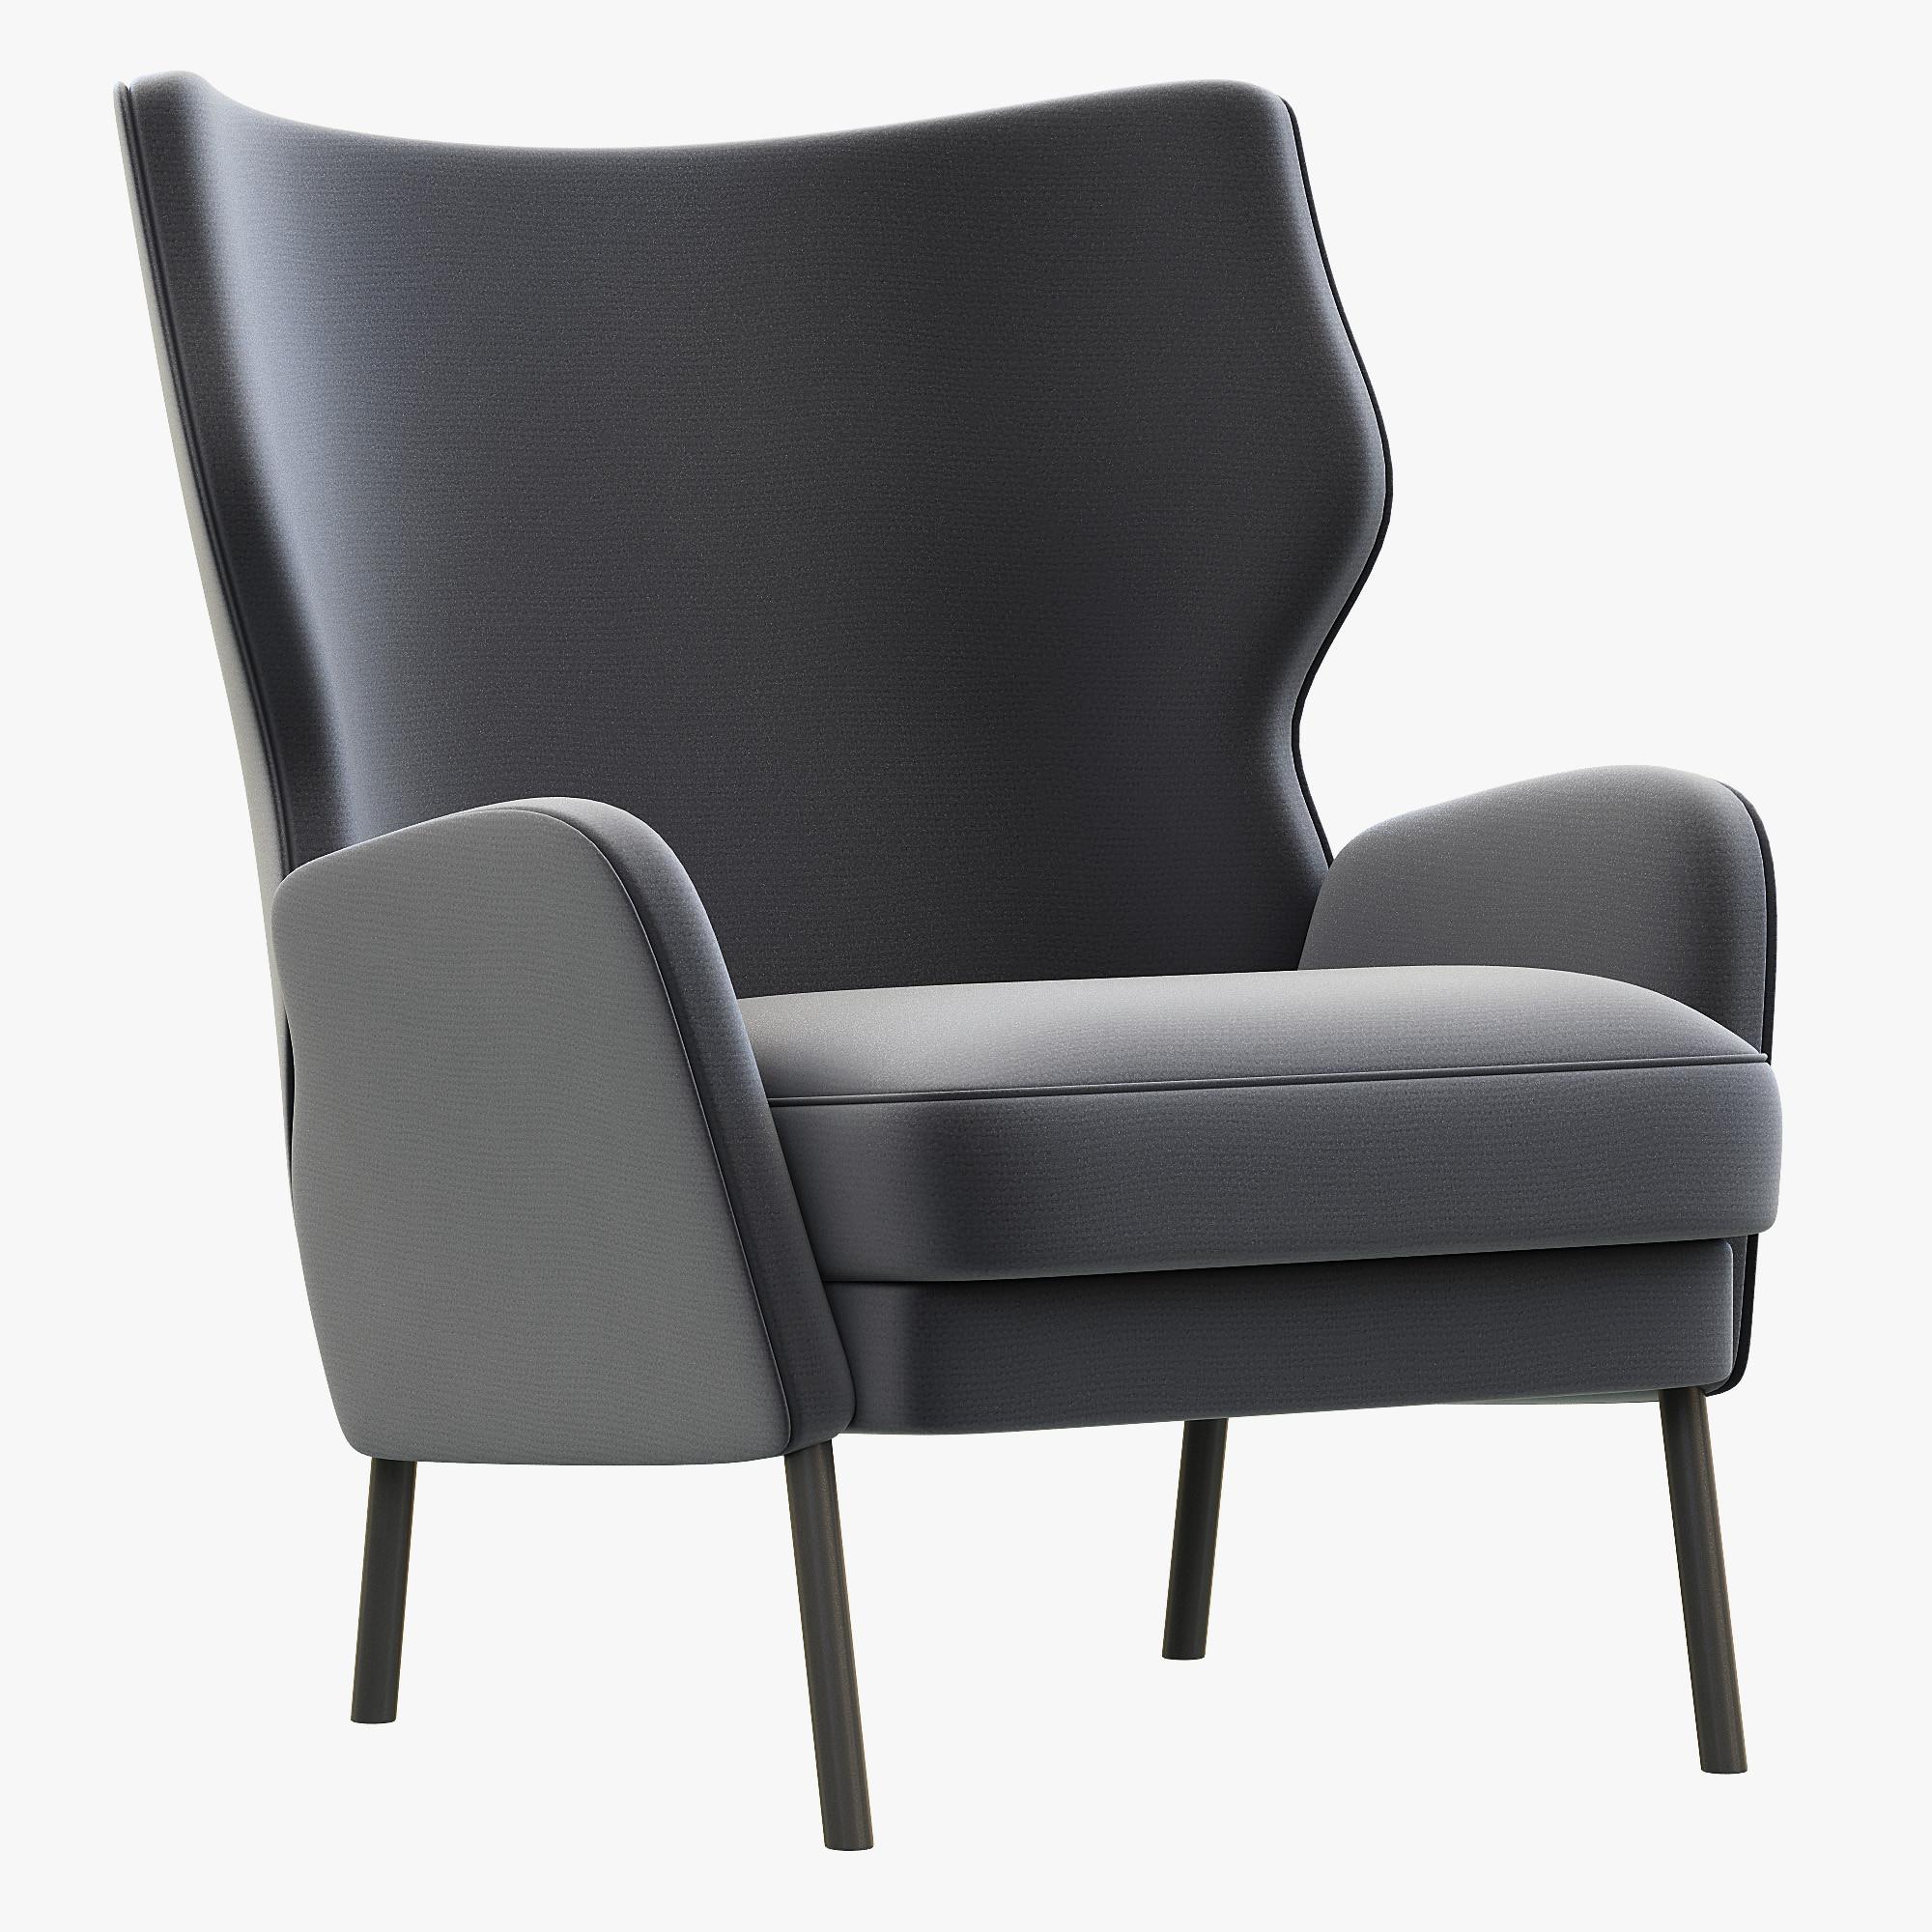 sits alex armchair max : SitsAlexArmchair2jpg2257902D C585 4392 B0AC D7A5E44DD2B7Original from www.turbosquid.com size 2000 x 2000 jpeg 732kB